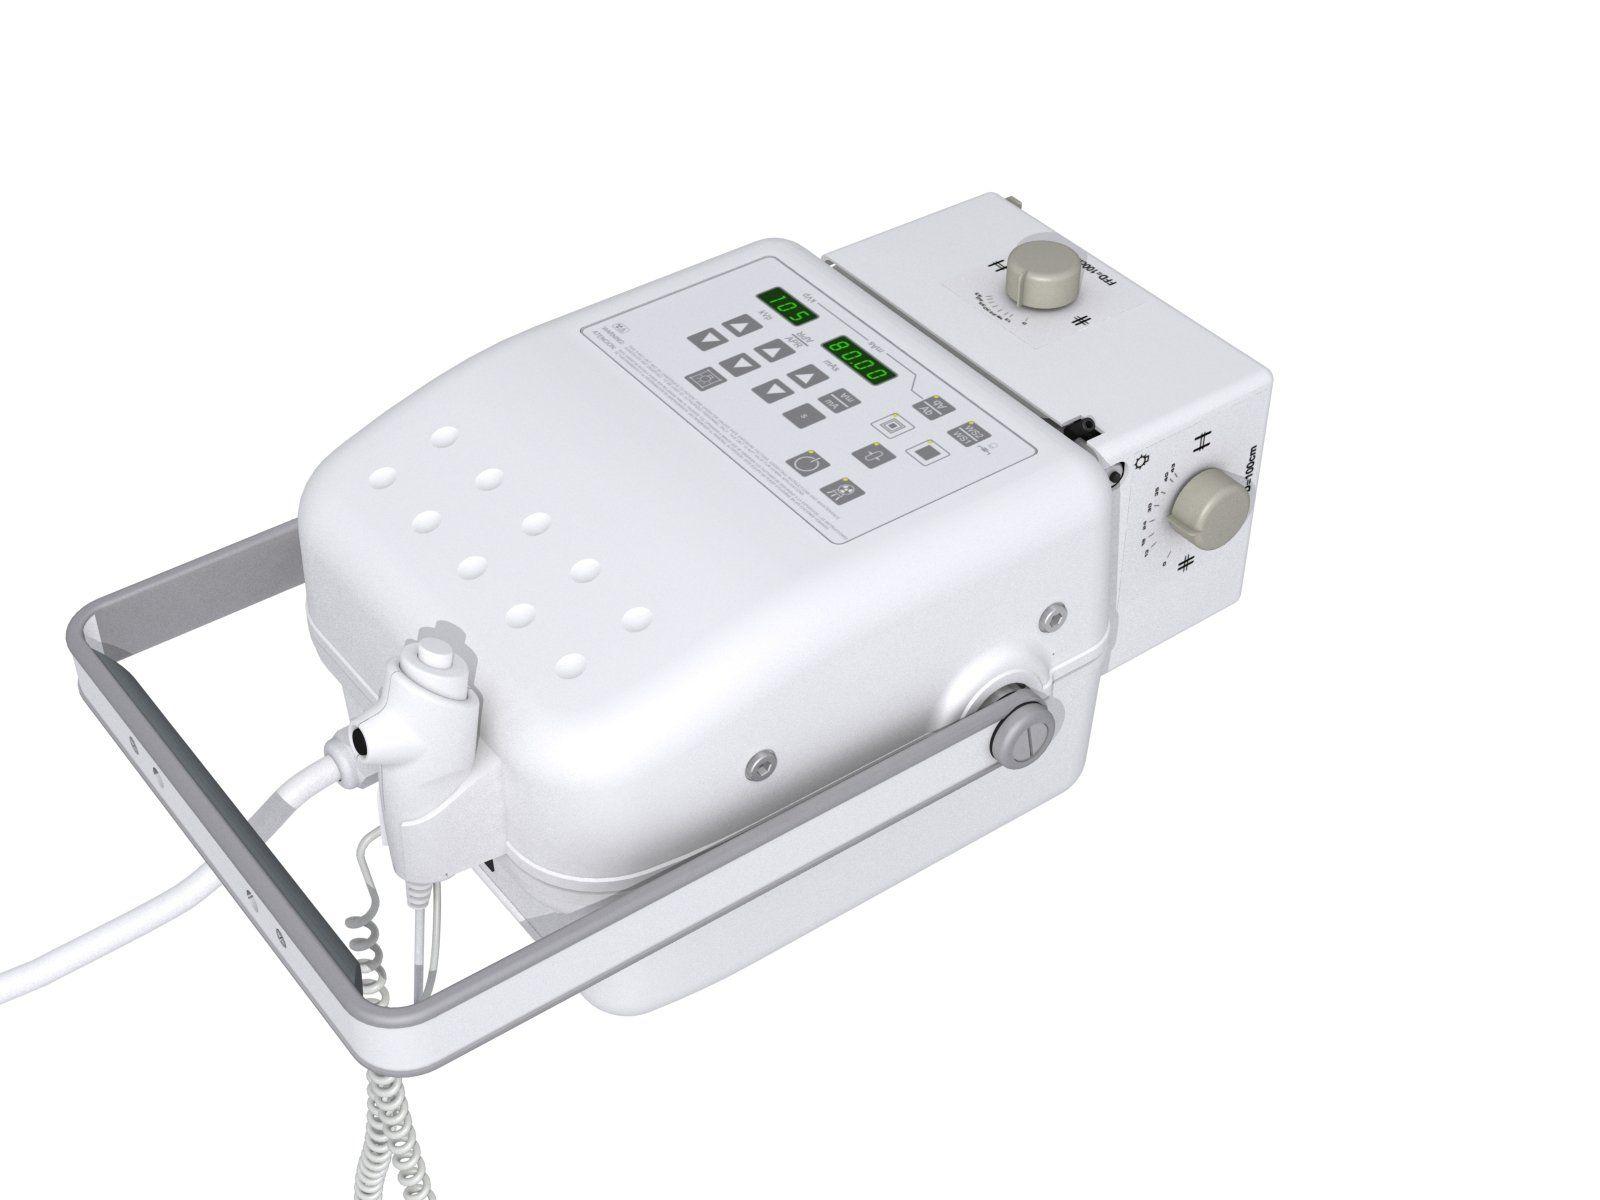 Aparelho de raio-x portátil SPL 4.0kW